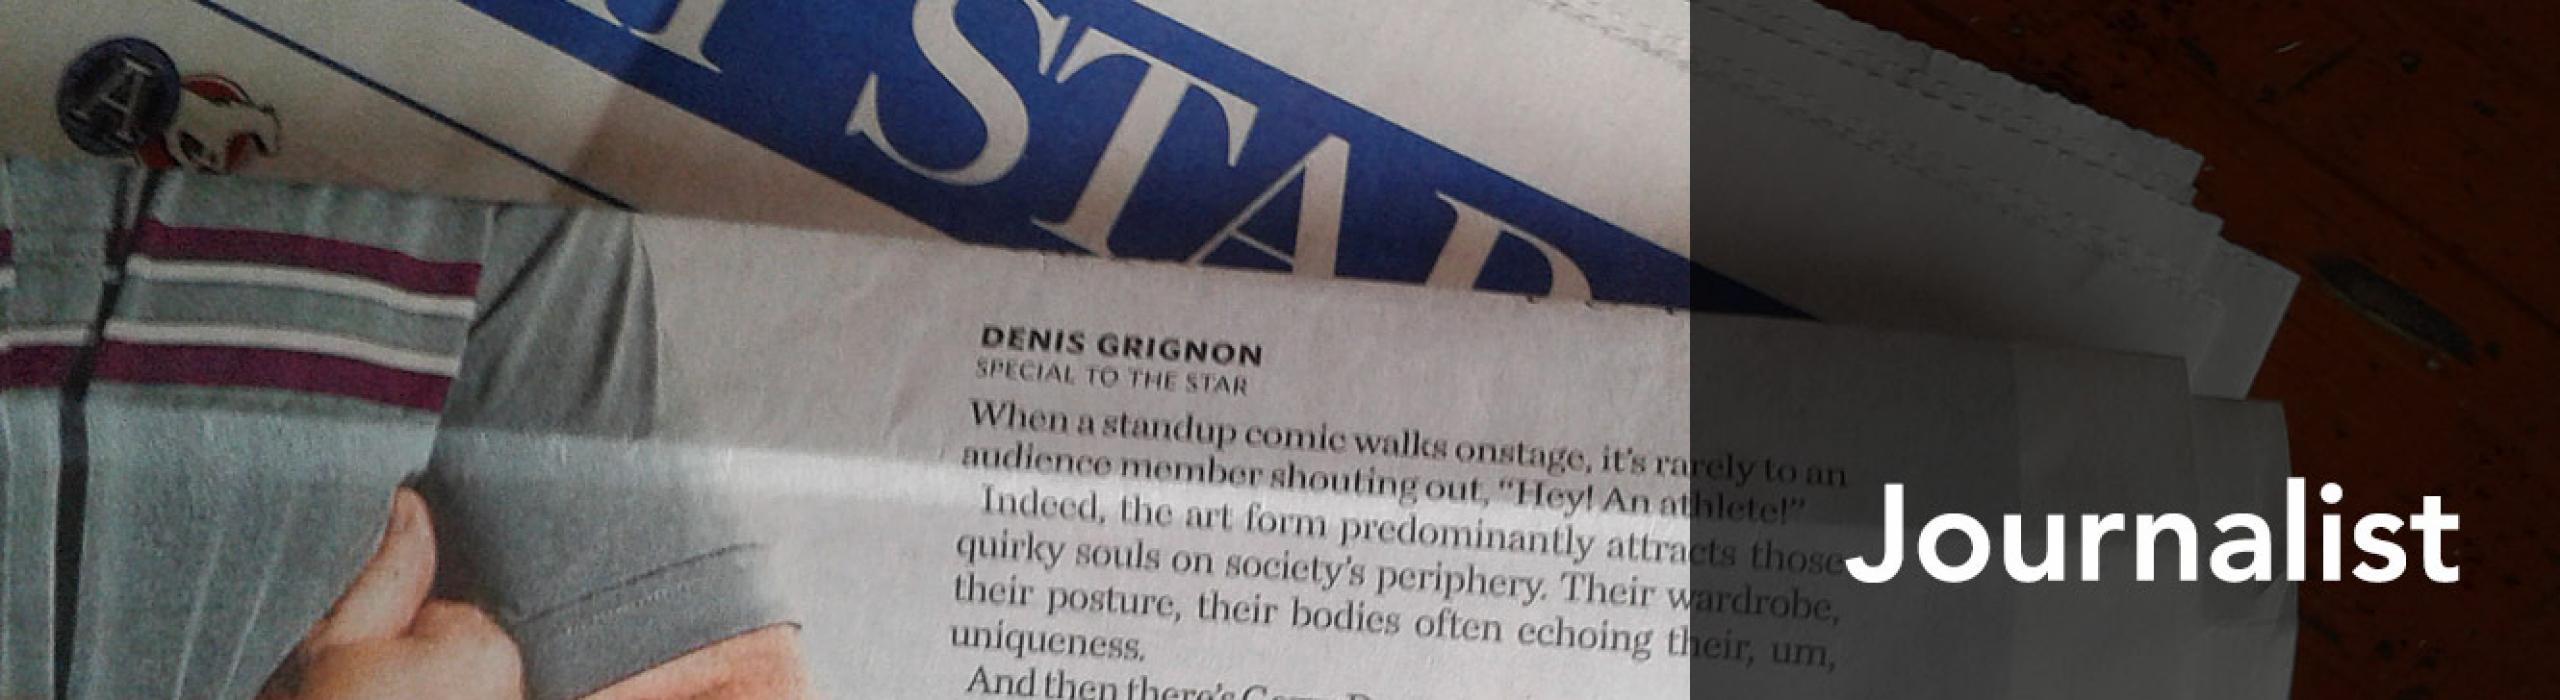 denis-grignon-journalist